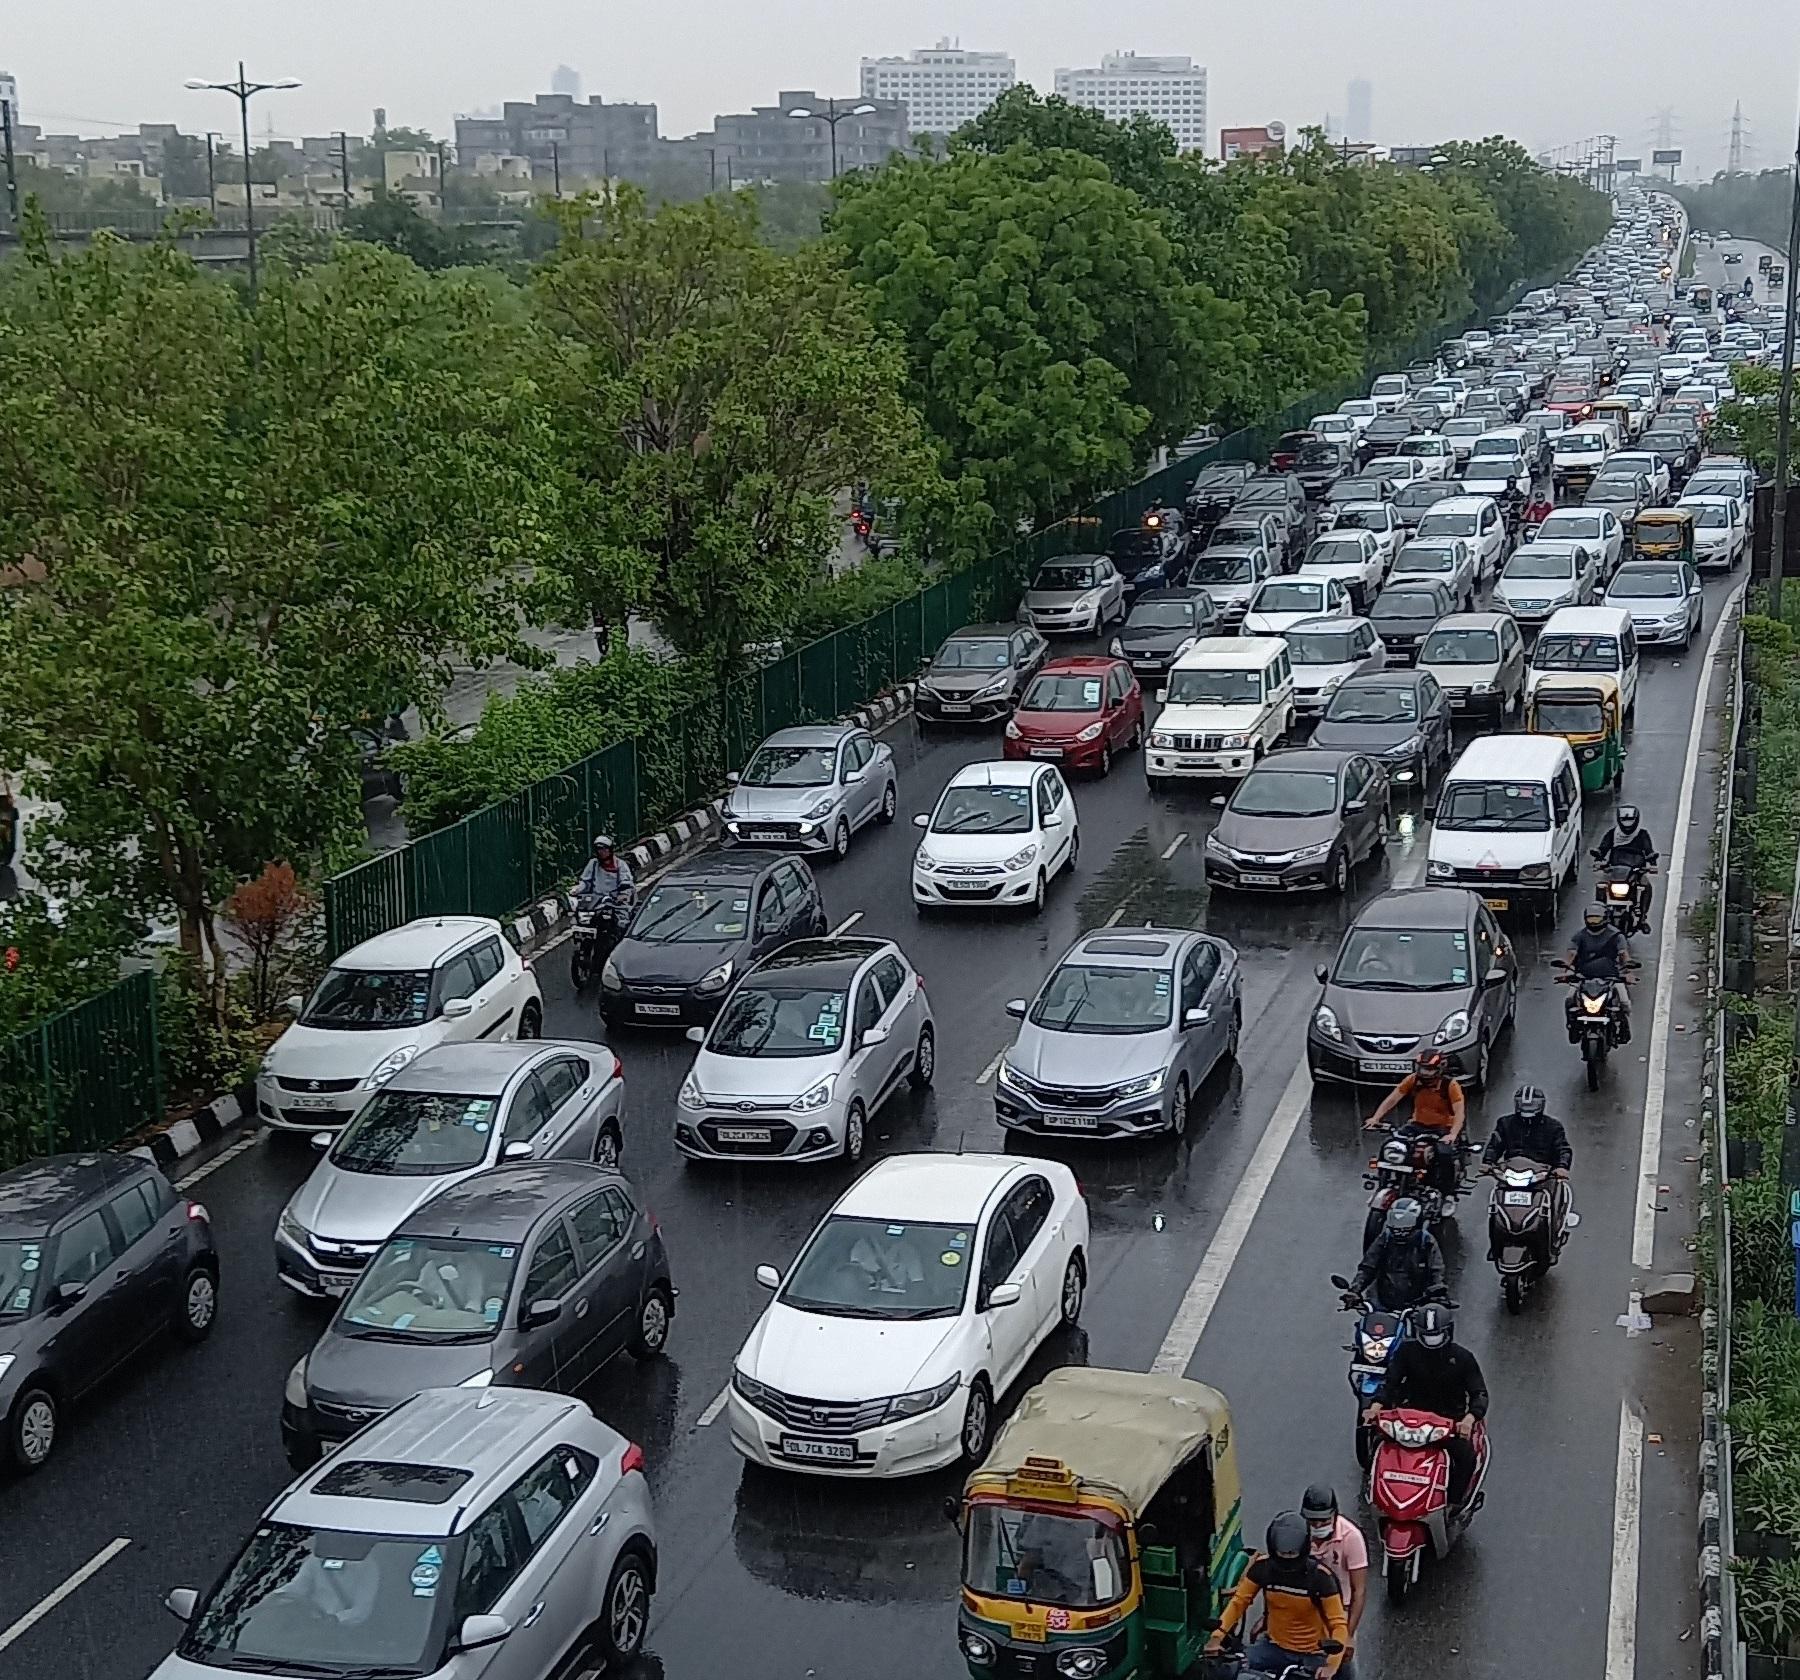 एक घंटे की बारिश में पूरी दिल्ली लबालब, मेरठ एक्सप्रेसवे से अक्षरधाम तक लगा ट्रैफिक जाम